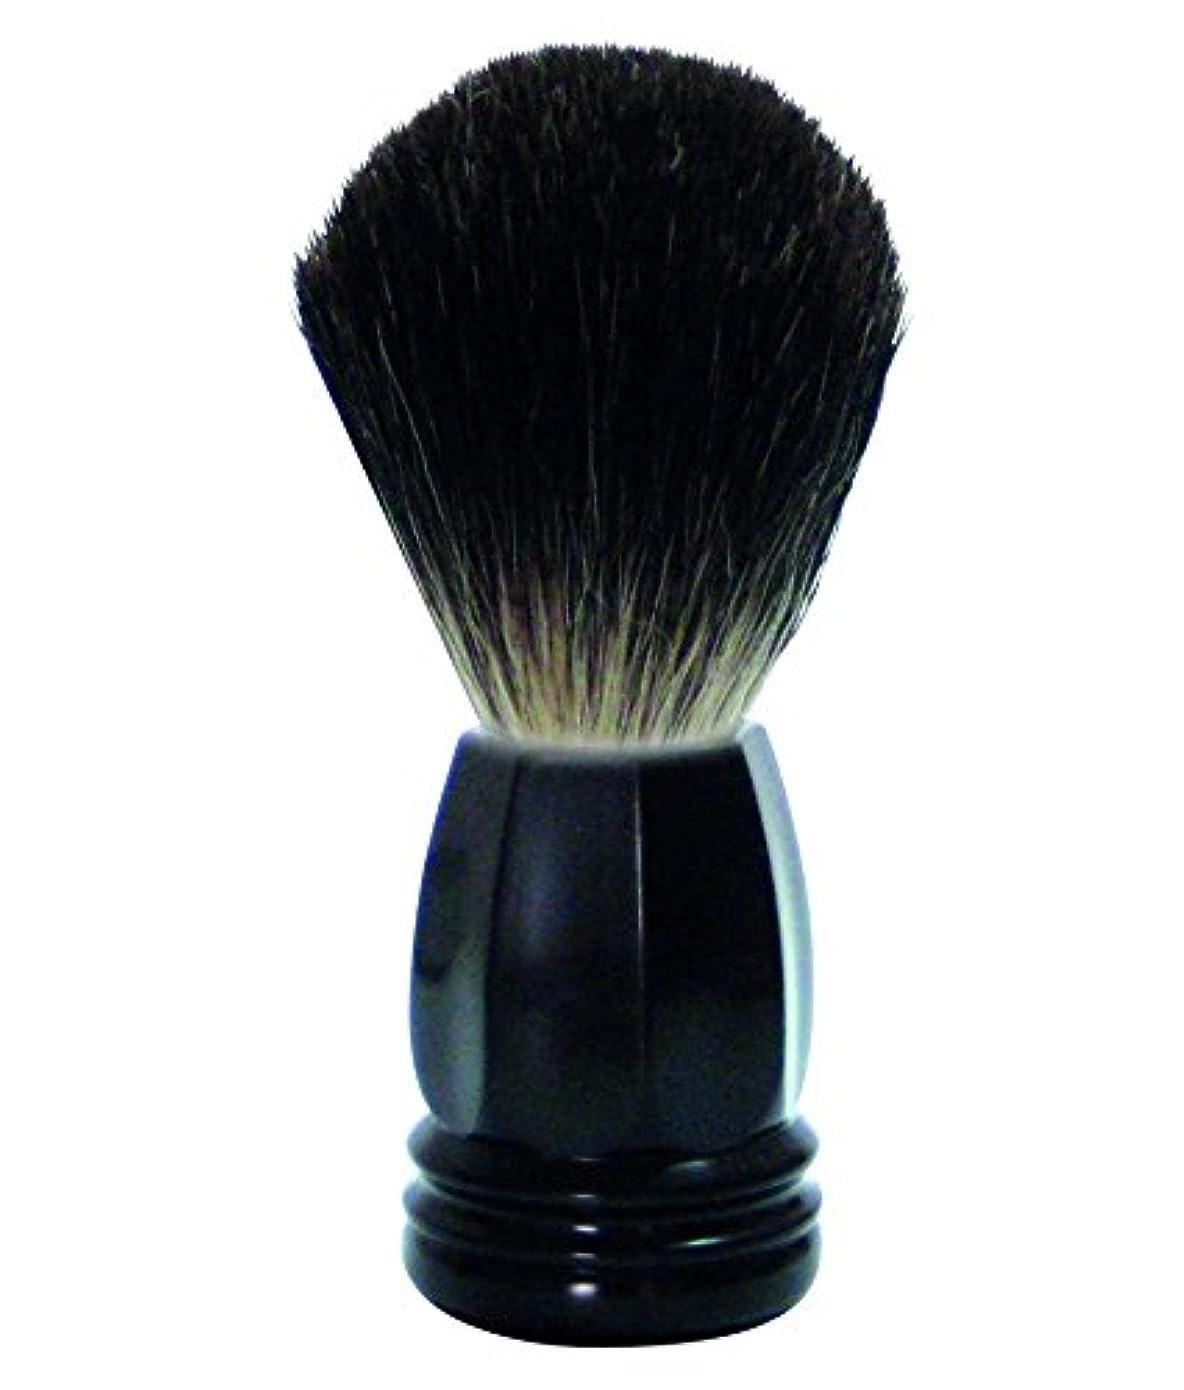 魅力マニュアルレパートリーGOLDDACHS Shaving Brush, 100% Badger hair, black polymer handle